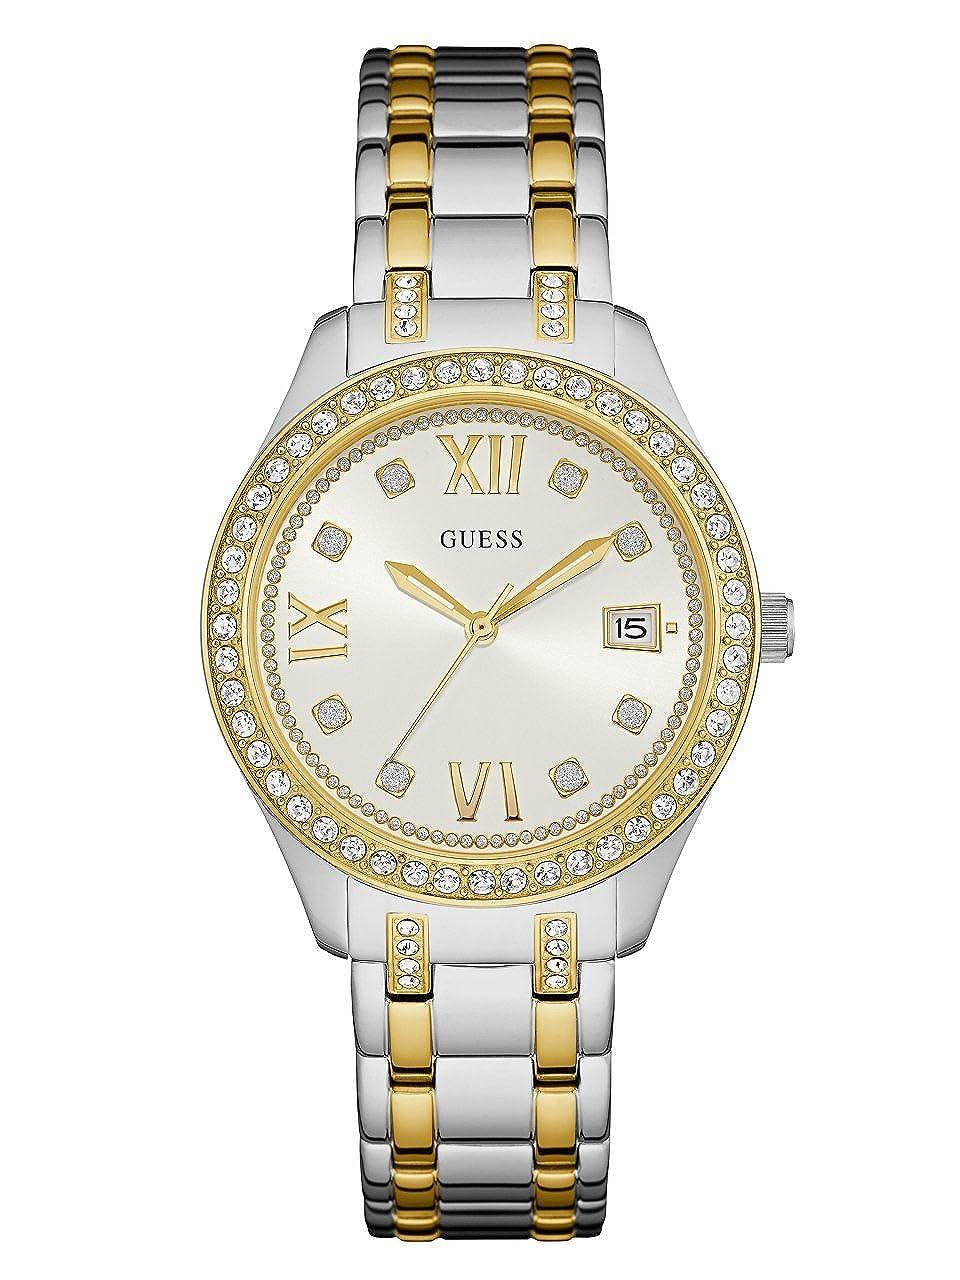 W0848l4Amazon esRelojes W0848l4Amazon Reloj Reloj Guess Mujer Mujer Guess W0848l4Amazon Mujer Guess esRelojes Reloj 1TlFJcK